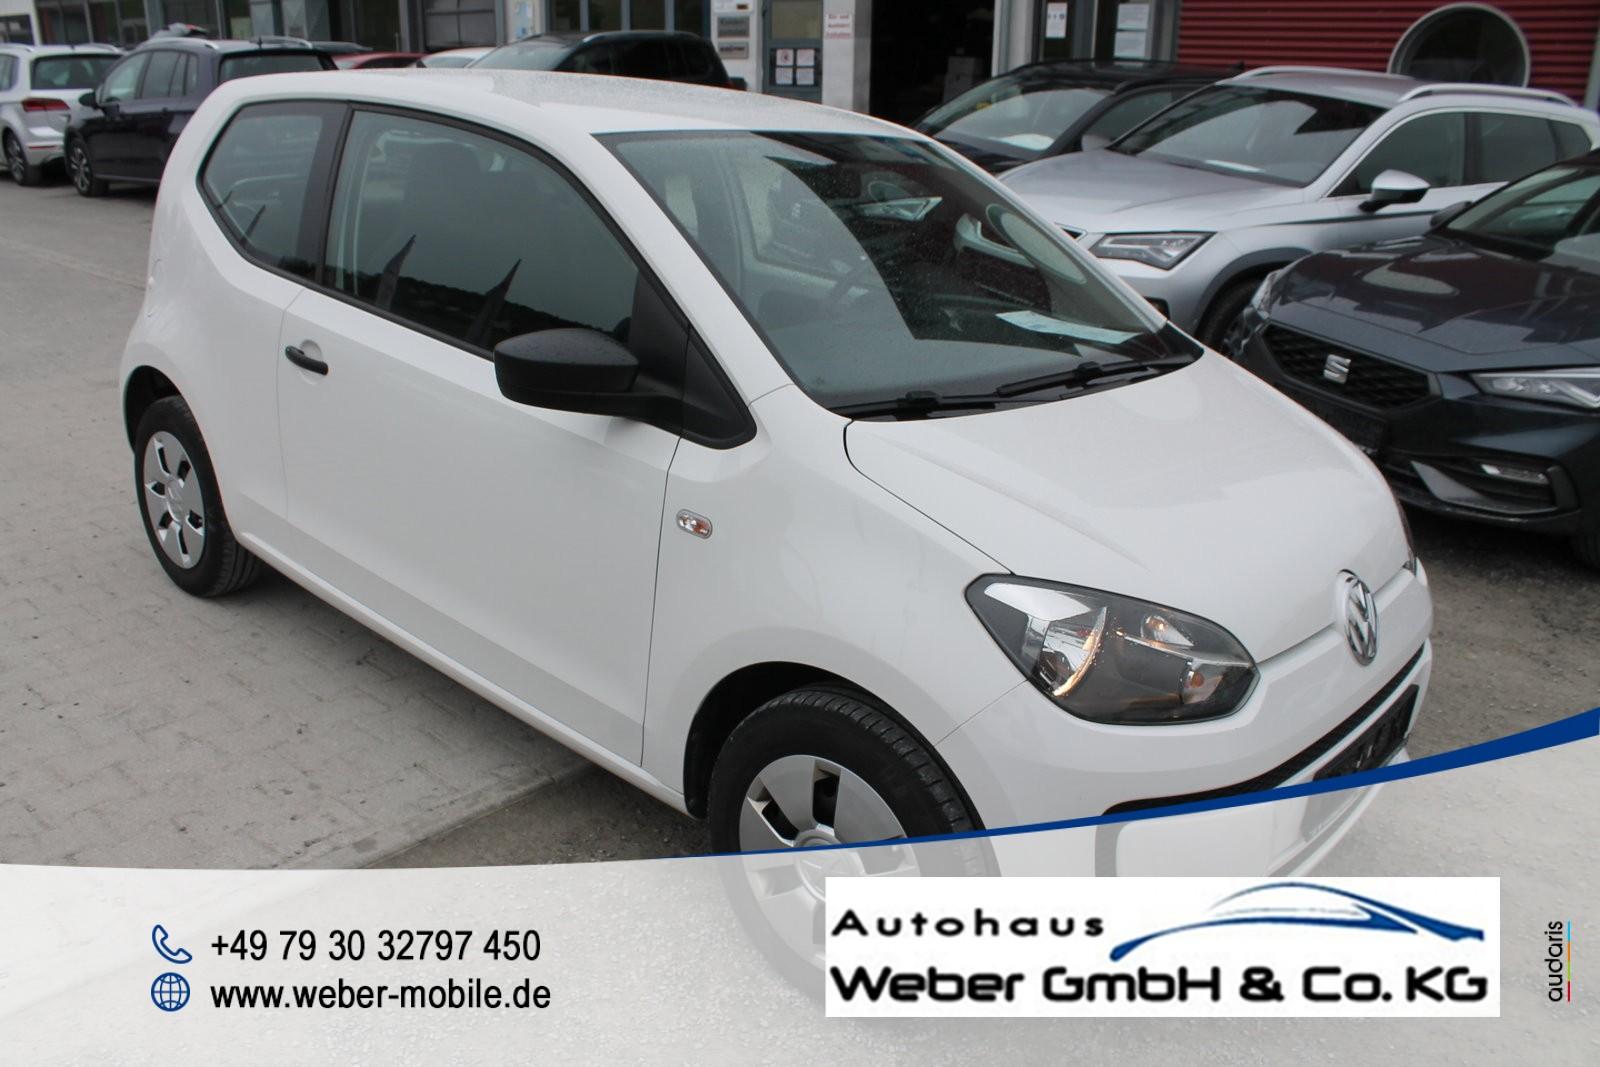 Volkswagen up! 1.0 *take up!*3-türig*Radio*Tagfahrlicht*Klima*, Jahr 2016, Benzin